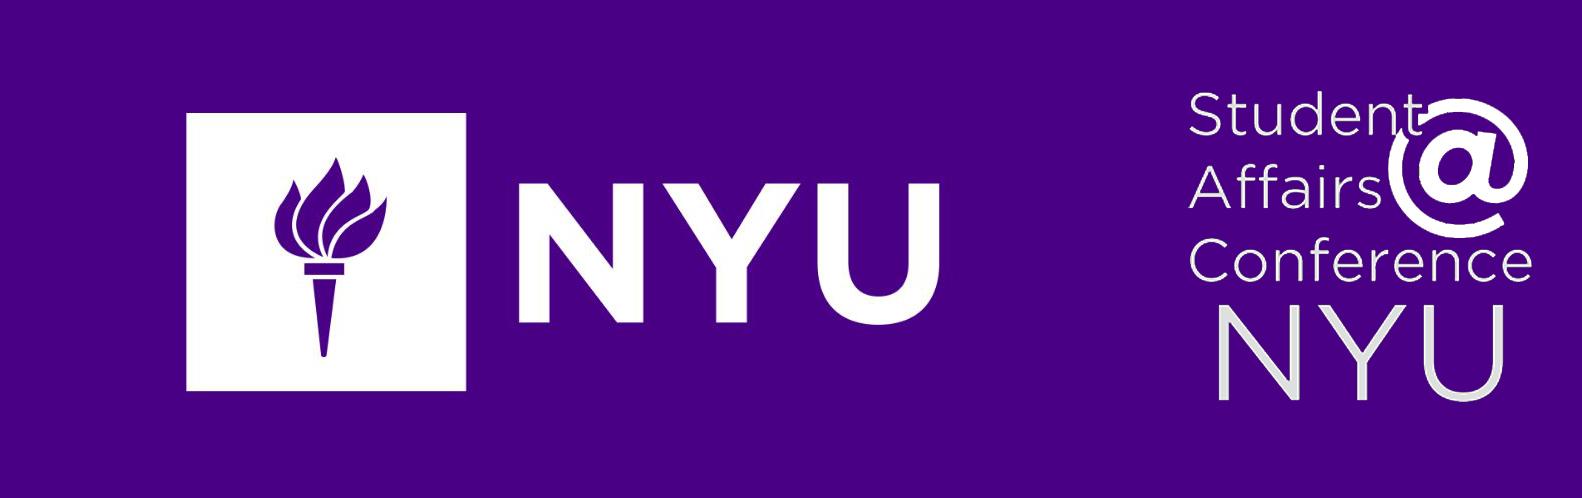 NYU_SA_Banner_Image copy.jpg